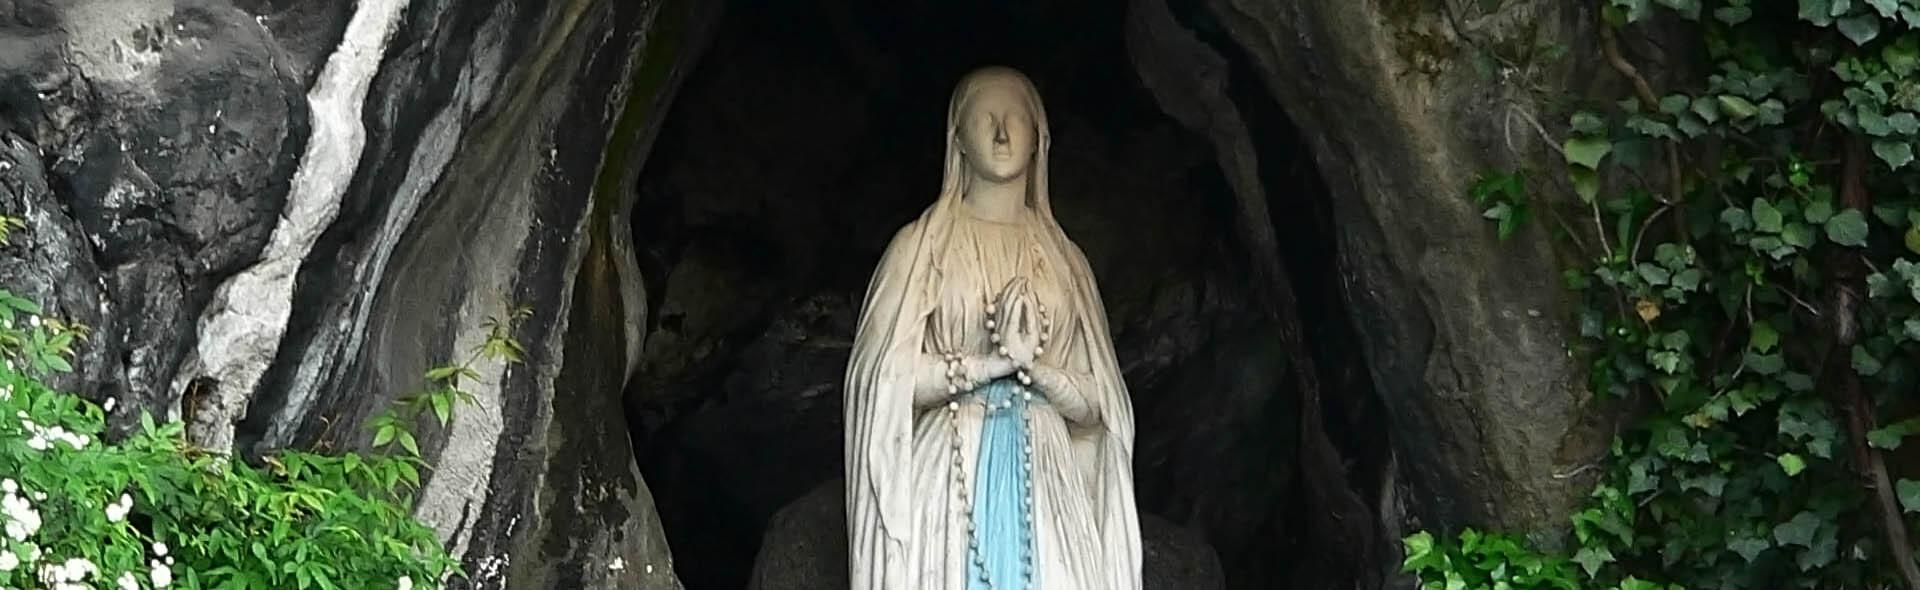 Viaggio a Lourdes in Aereo da Roma Novembre